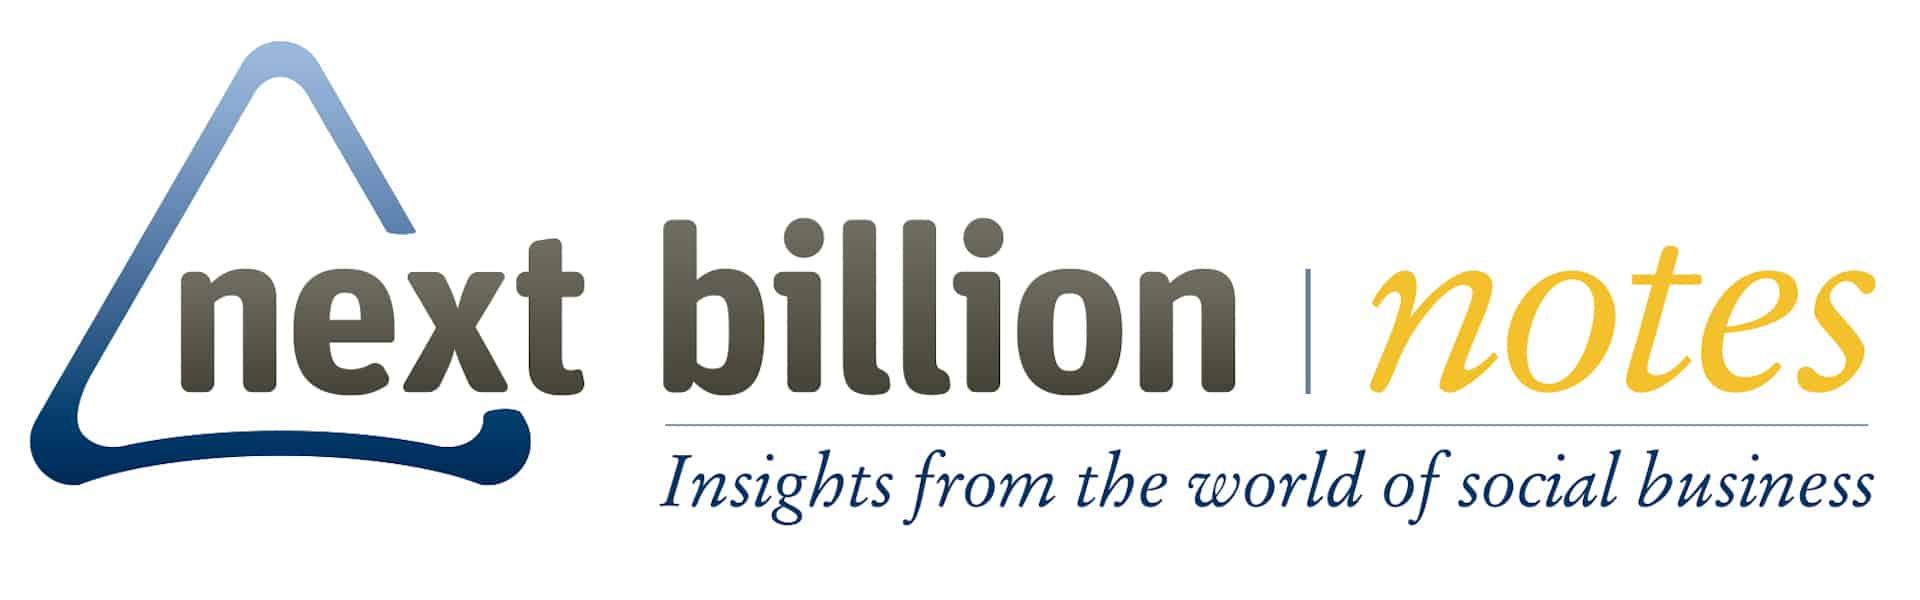 NB Notes Newsletter logo, on NextBillion.net